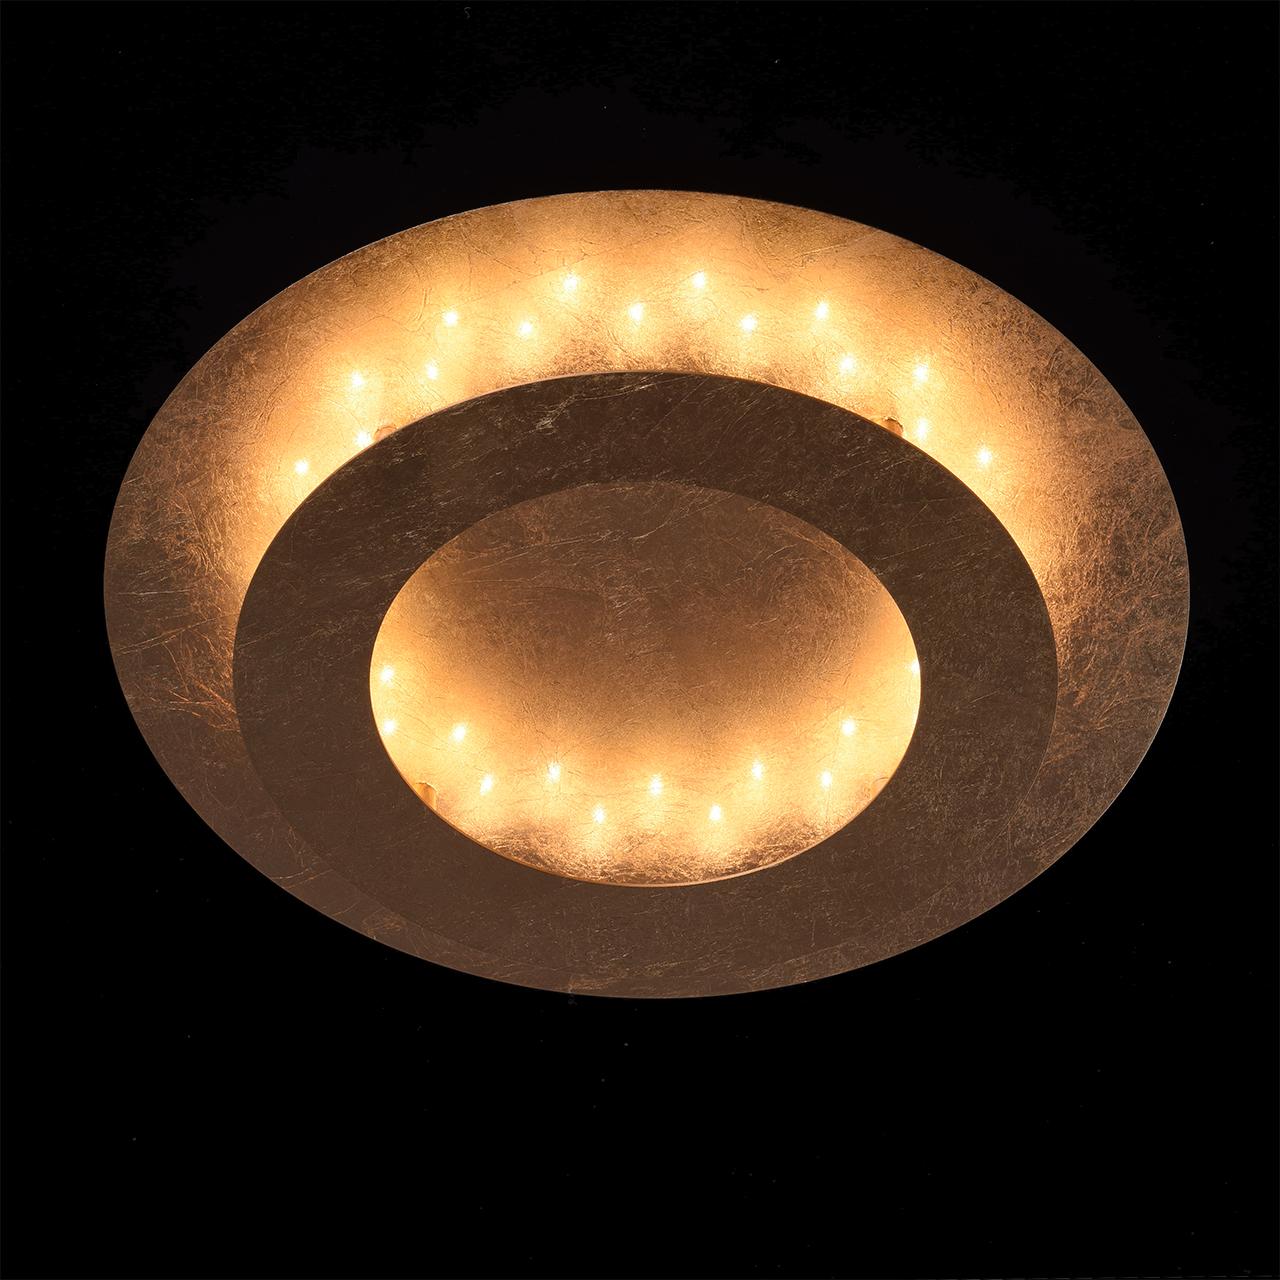 Потолочный светодиодный светильник De Markt Галатея 452011701, LED 18W, 3000K (теплый), матовое золото, металл - фото 3